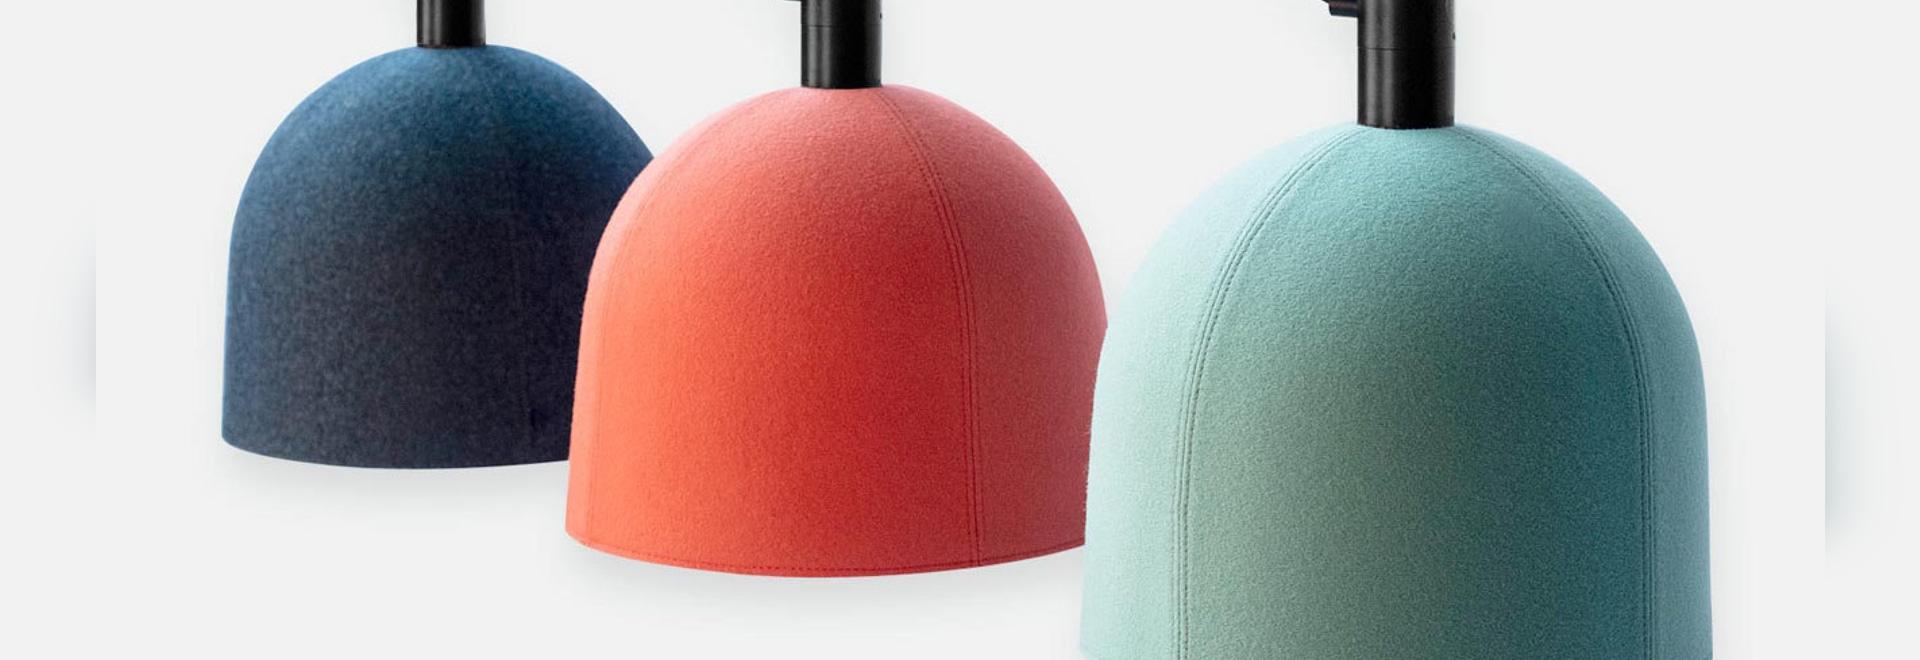 Luxxbox conçoit un solide éclairage de suspension acoustique pour le casque